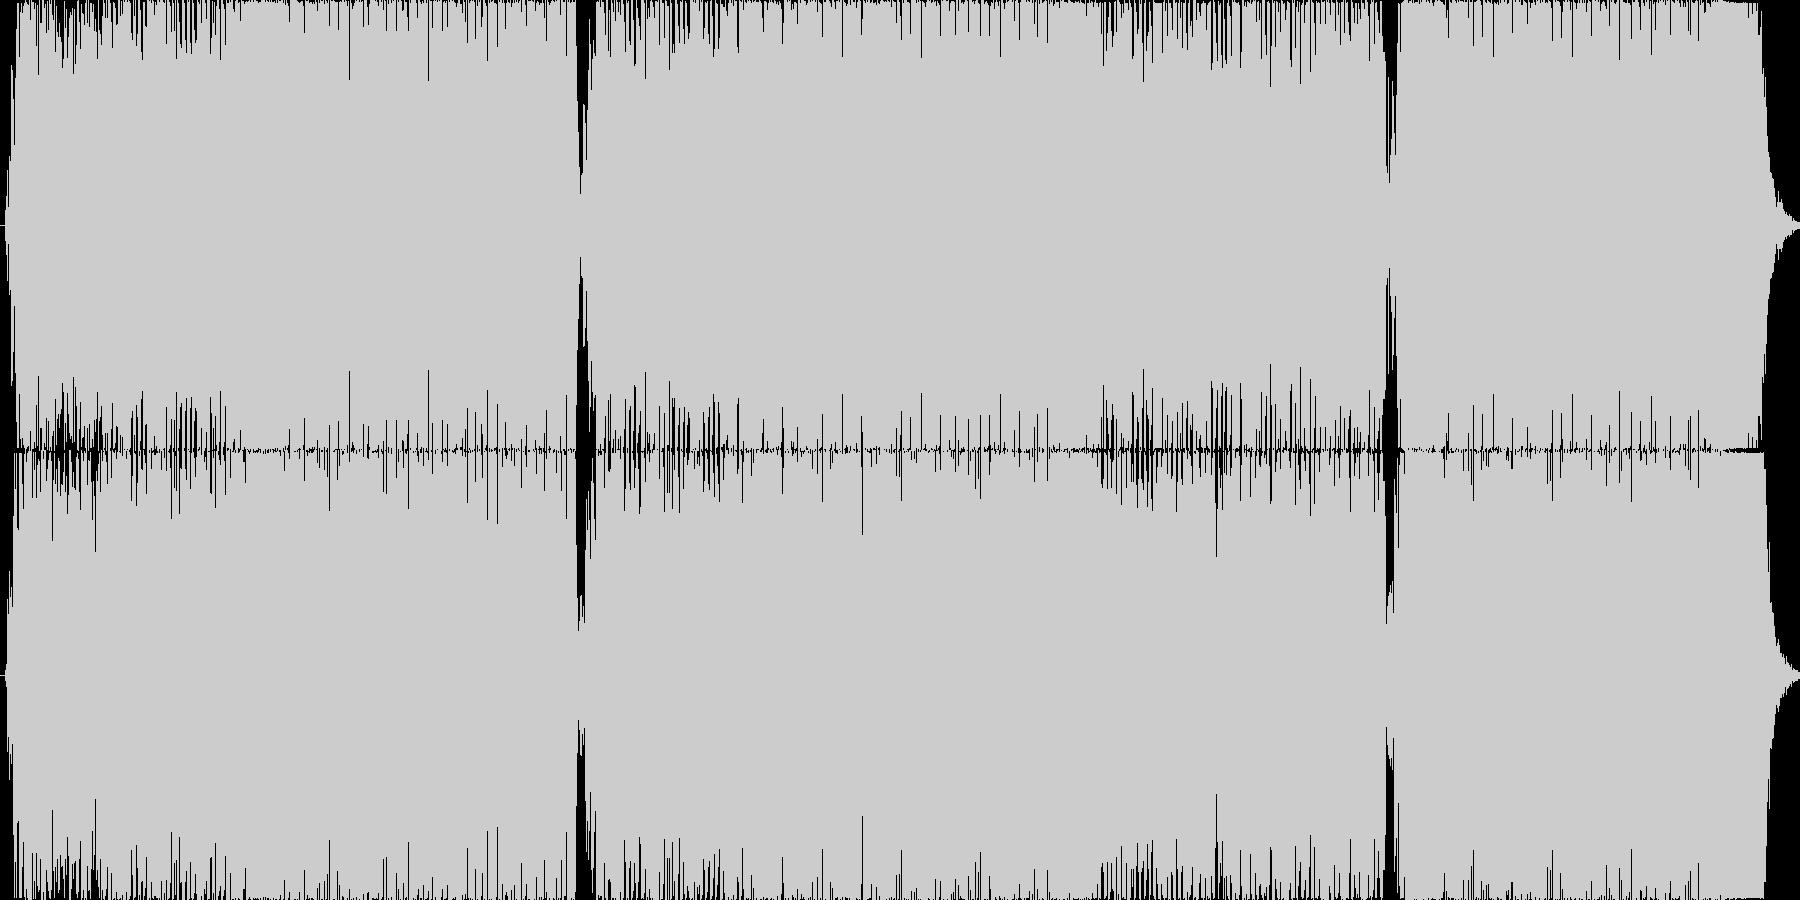 重めのギターが印象的な4分打ちの楽曲01の未再生の波形